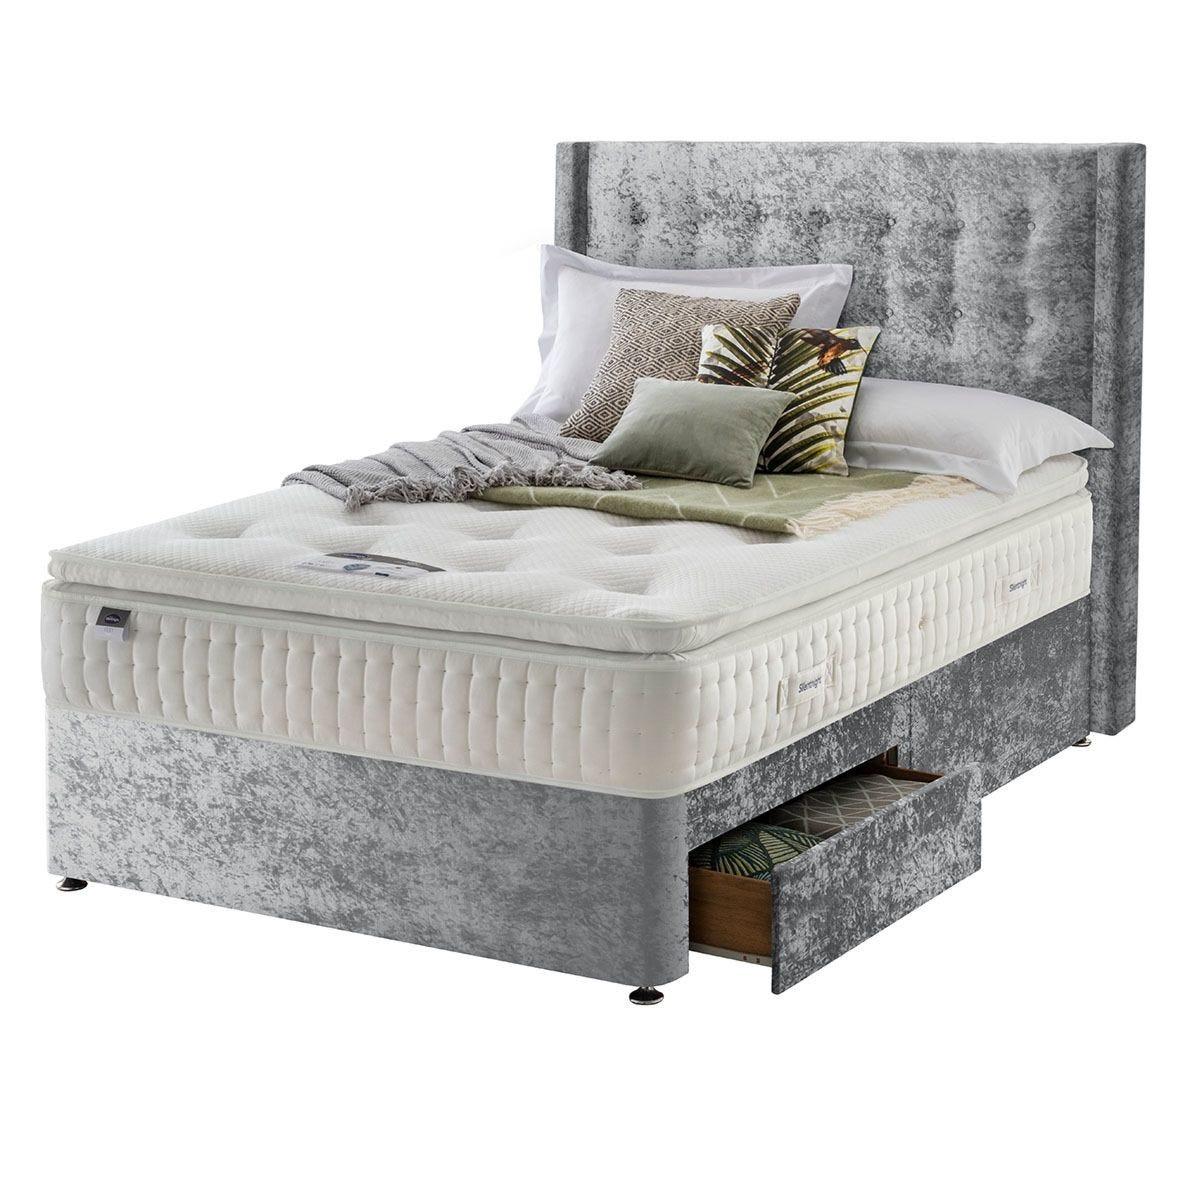 Silentnight Mirapocket Latex 1400 2-Drawer Divan Bed - Crushed Velvet Light Grey Double